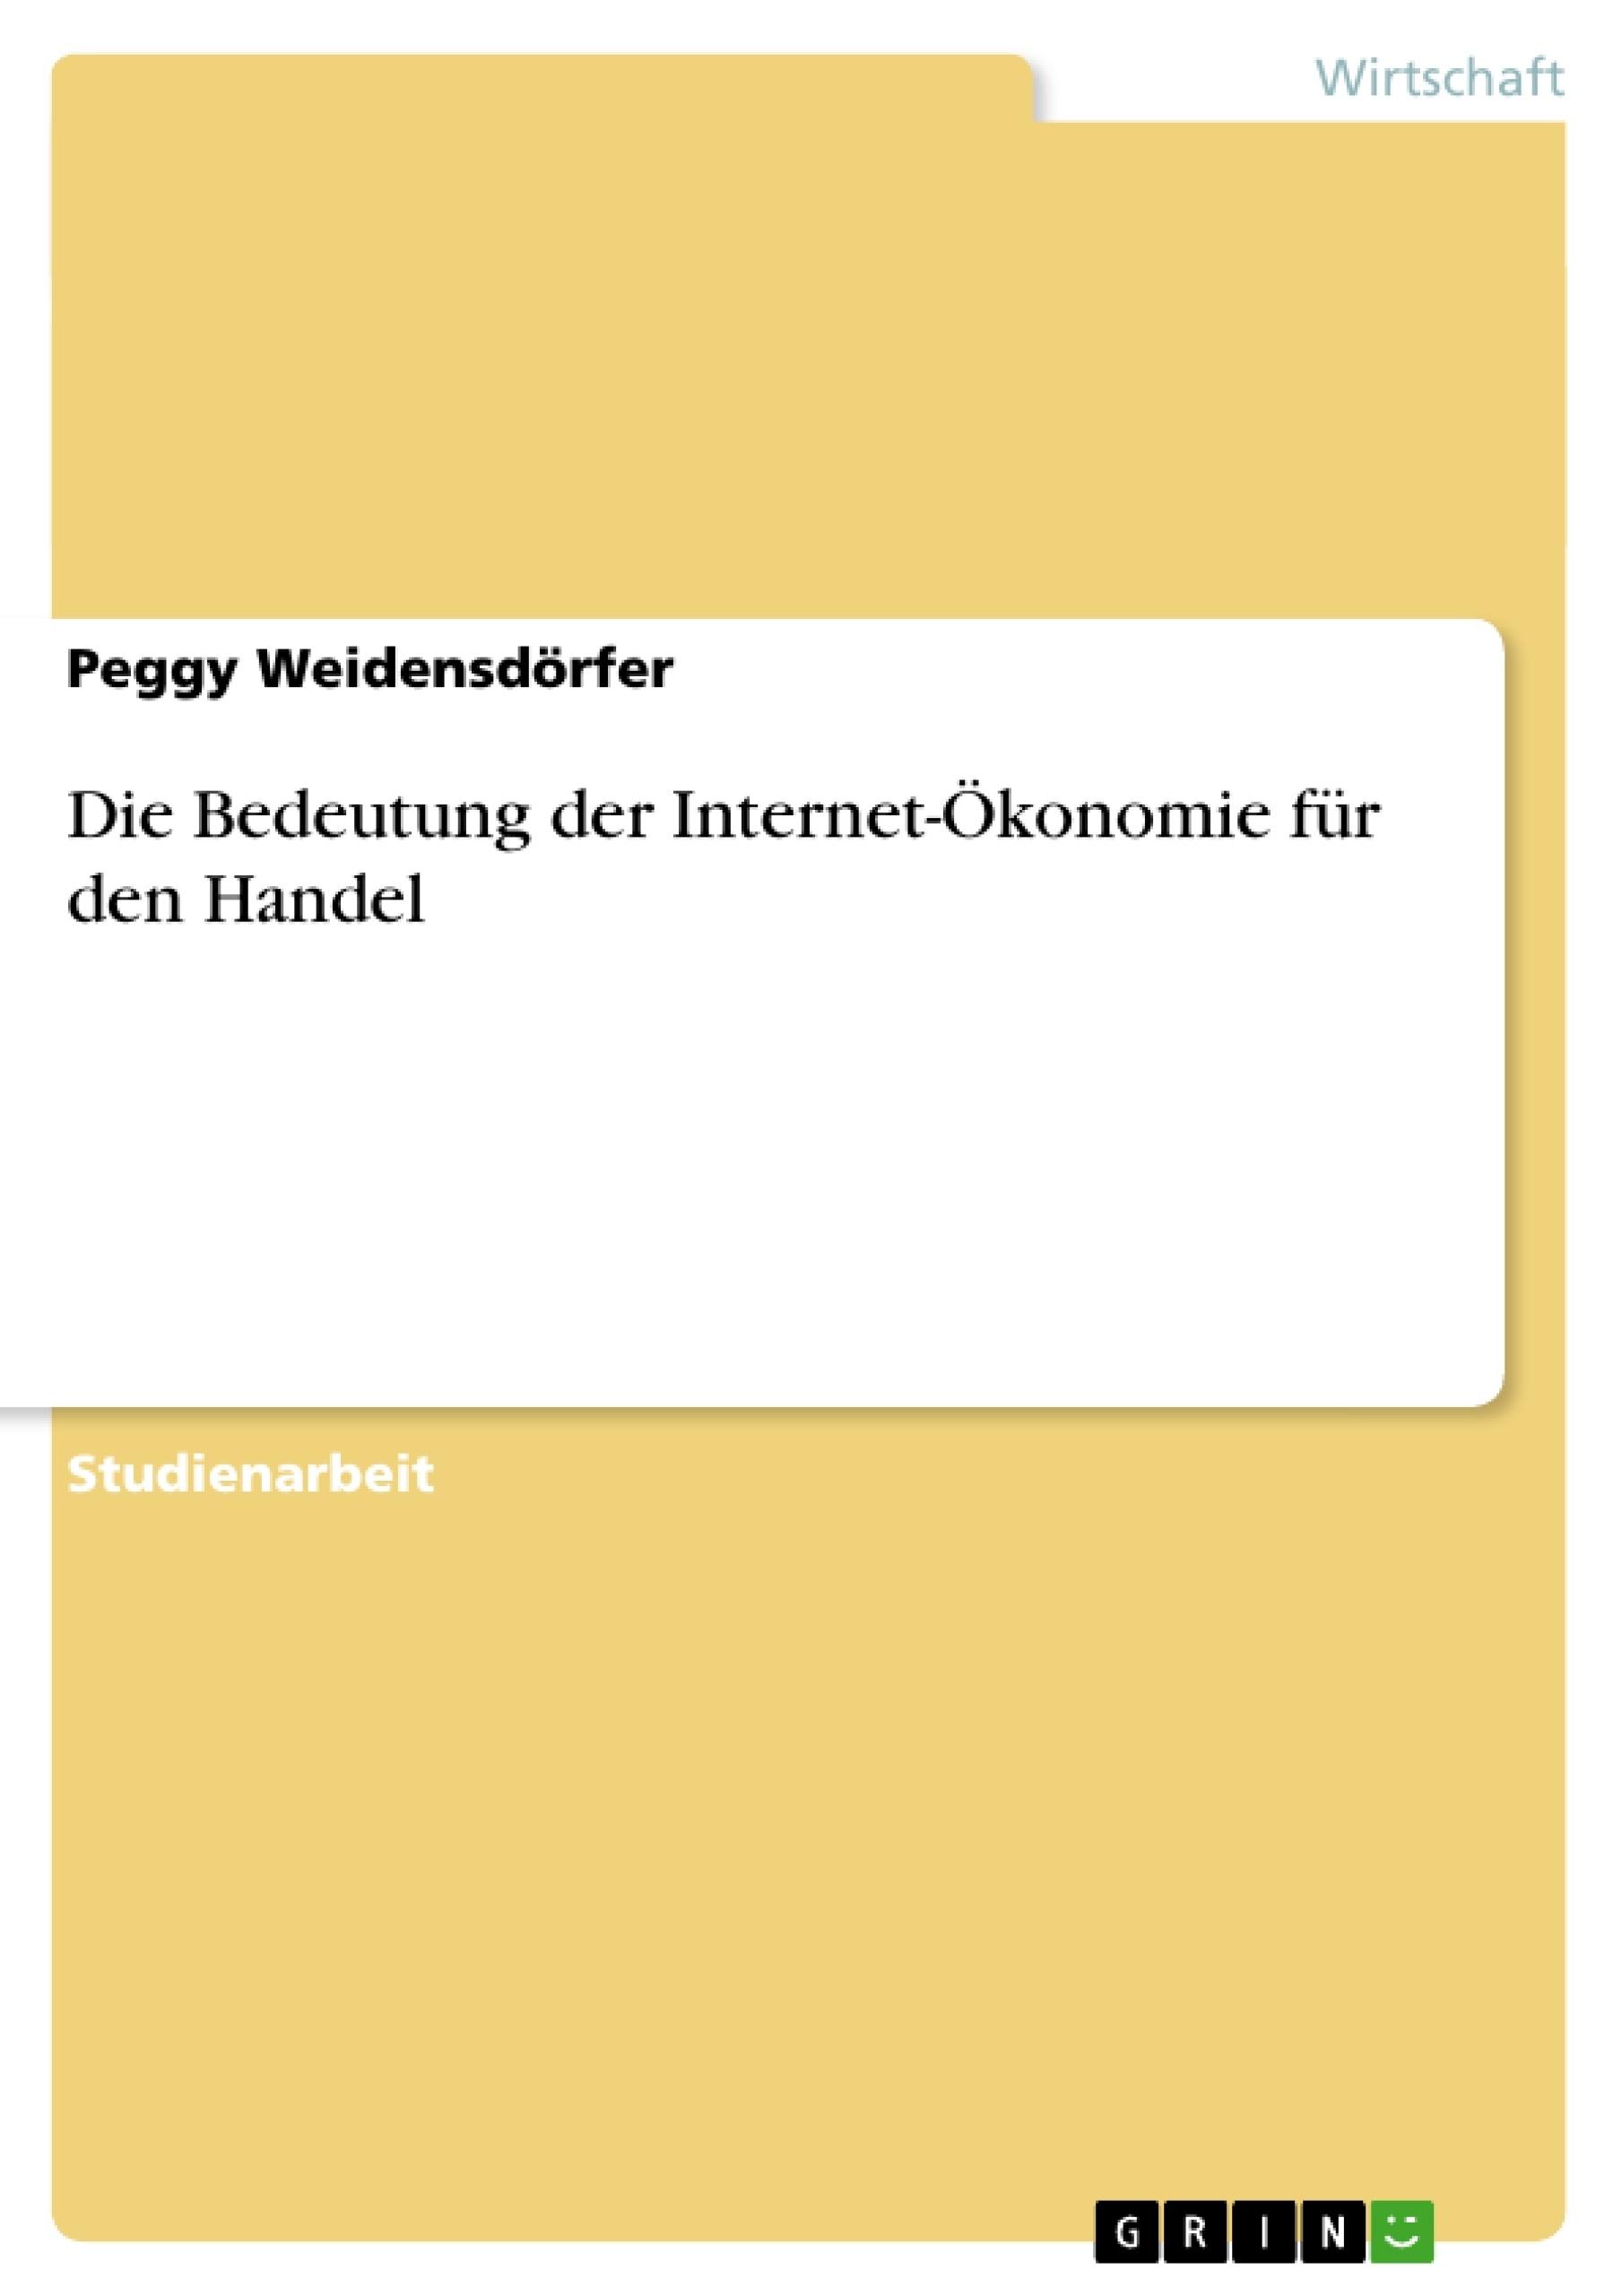 Titel: Die Bedeutung der Internet-Ökonomie für den Handel